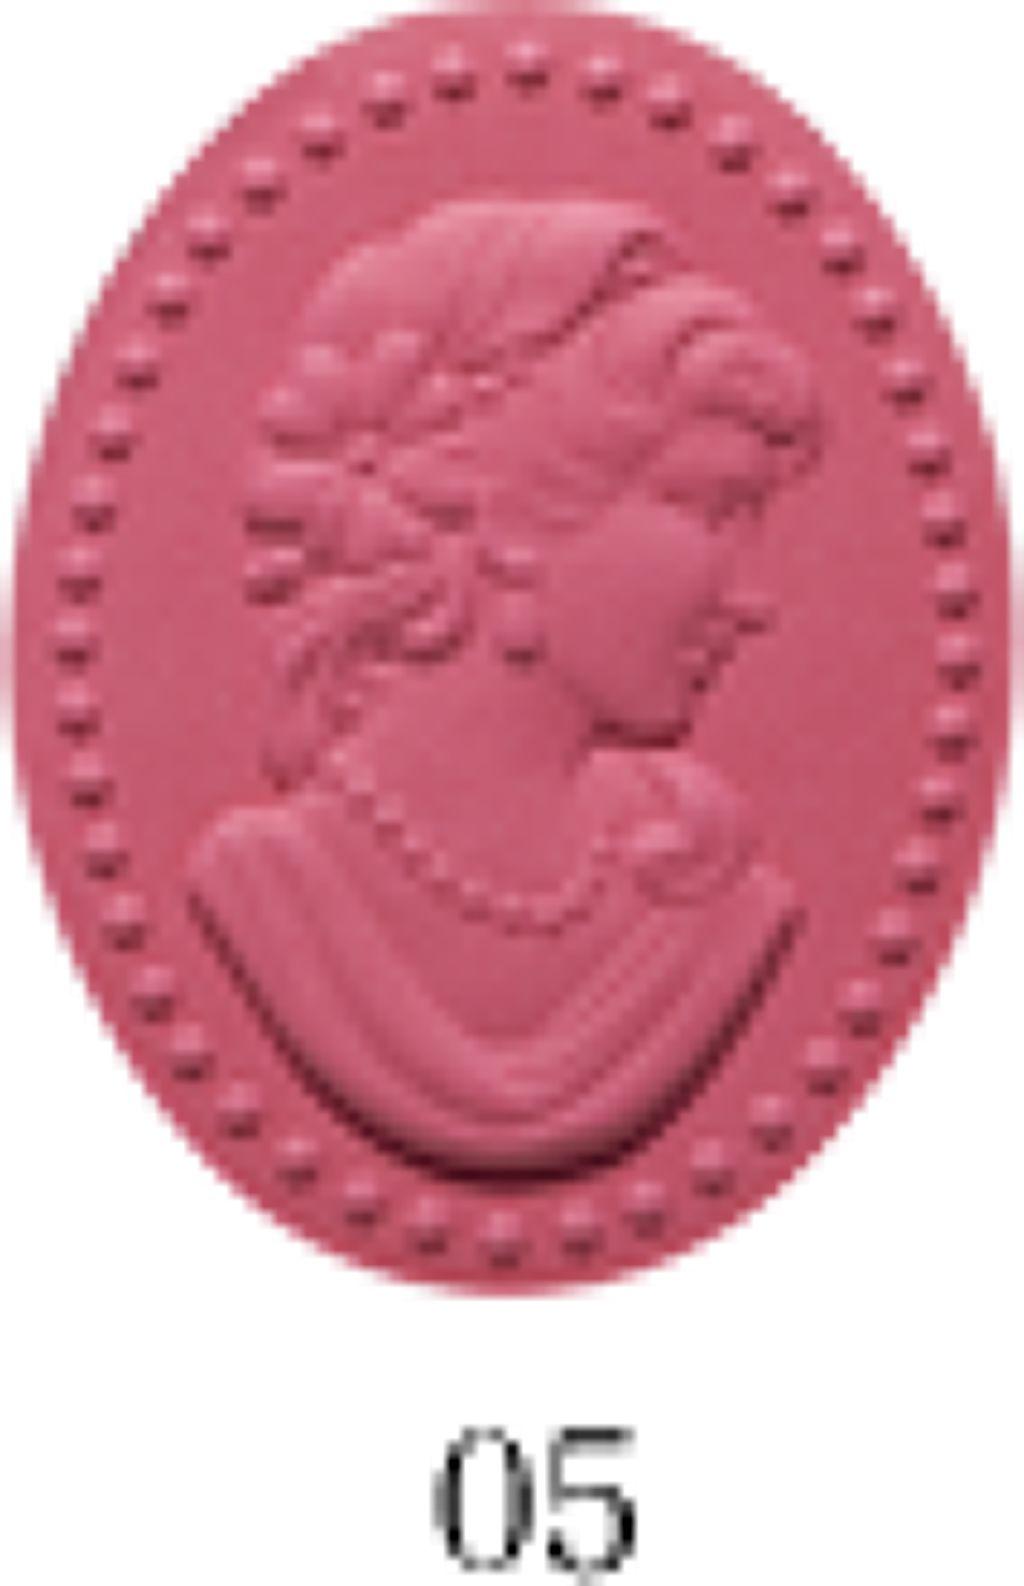 プレスト チークカラー05 Mademoiselle マドモアセル(お嬢さん)